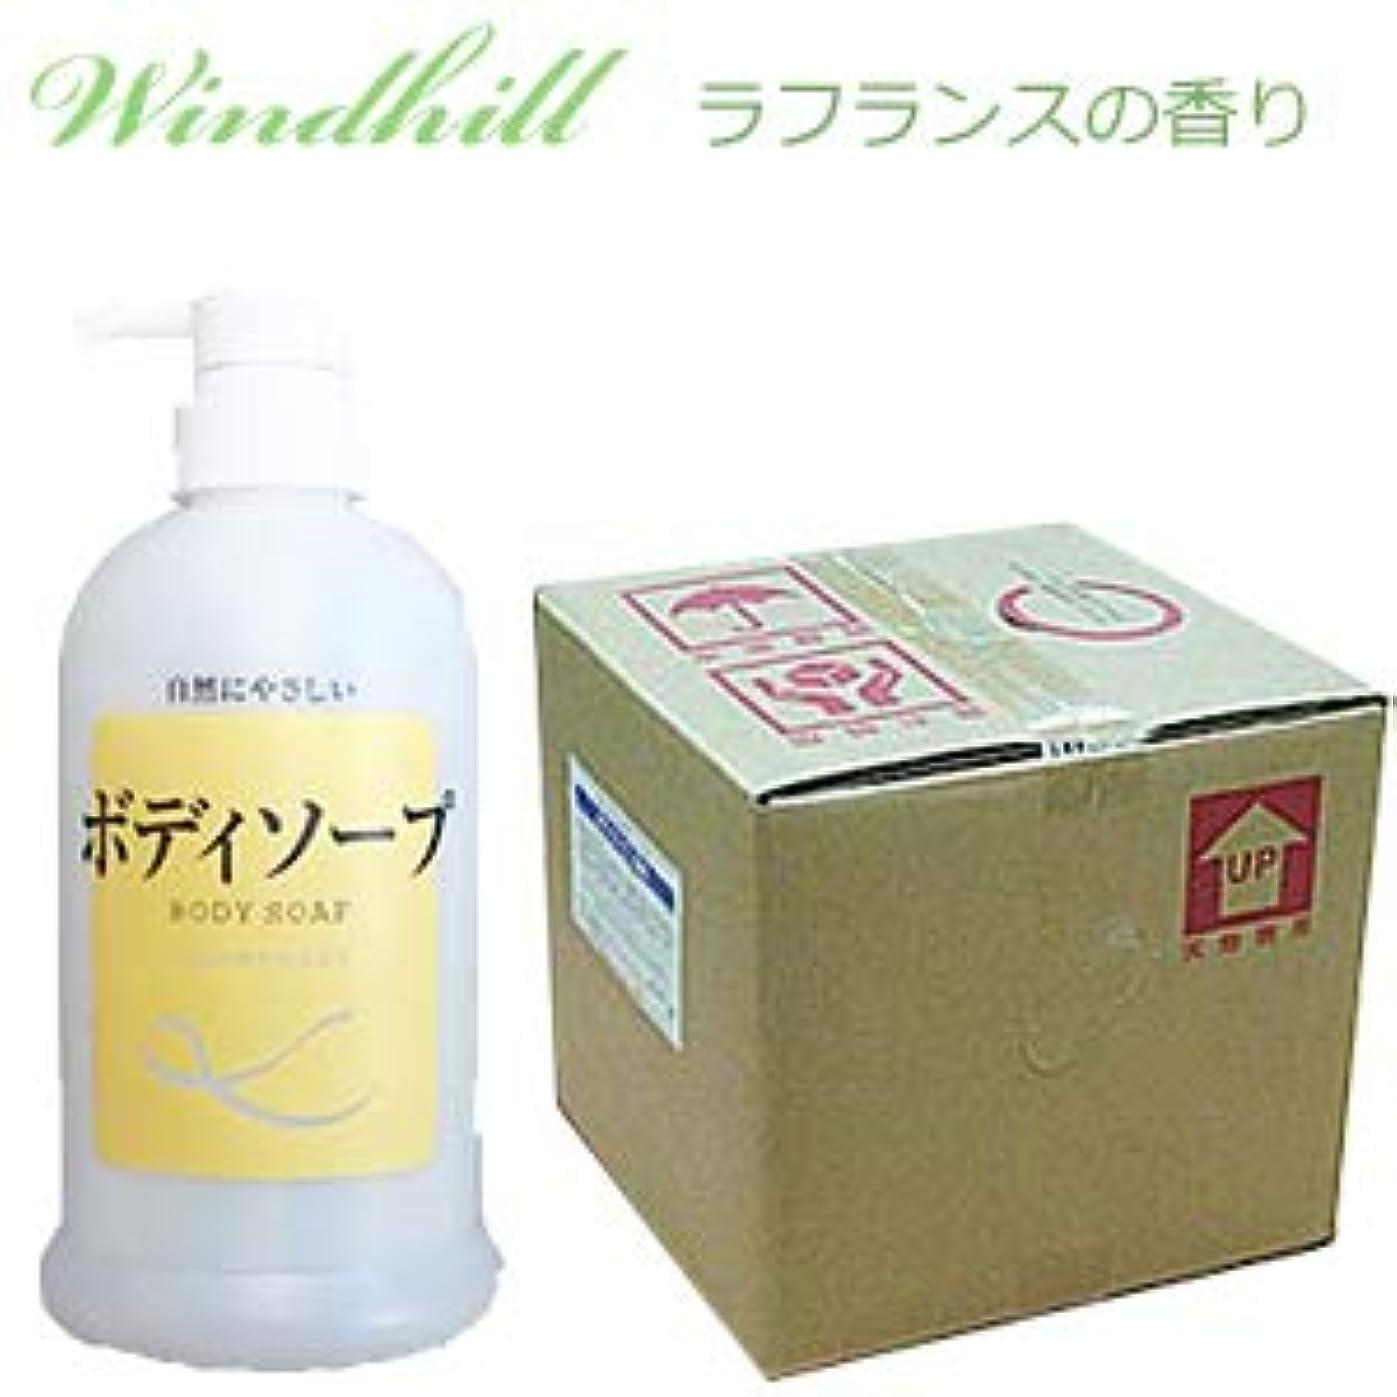 によるとレモン自転車なんと! 500ml当り173円 Windhill 植物性 業務用 ボディソープ  爽やかなラフランスの香り 20L